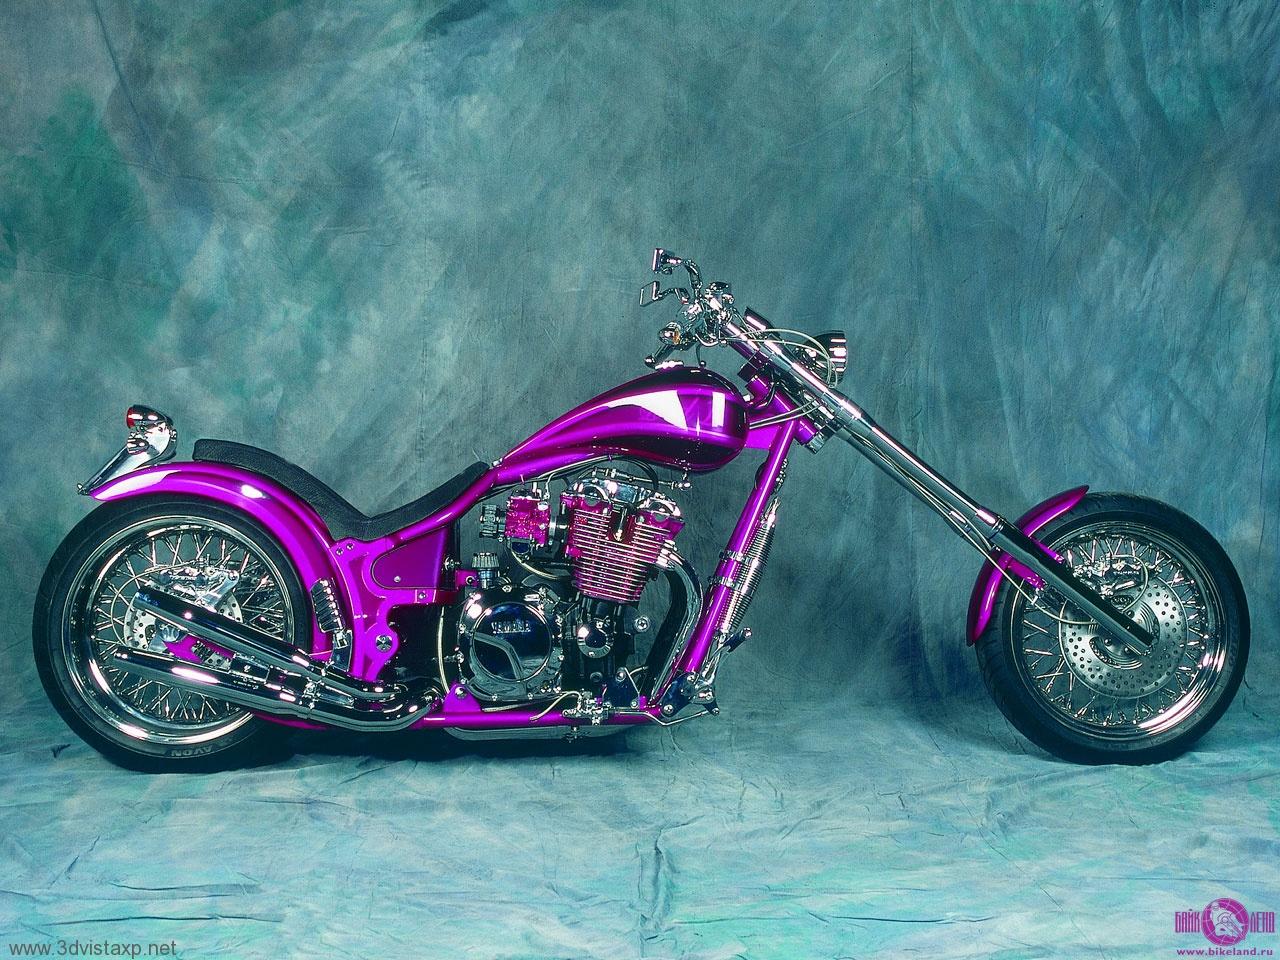 http://4.bp.blogspot.com/-cfck_vlZH_k/T9JjS2aljQI/AAAAAAAAIgs/cE9zn9fdkA0/s1600/Cool+Motorcycles+Photo+%25283%2529.jpeg